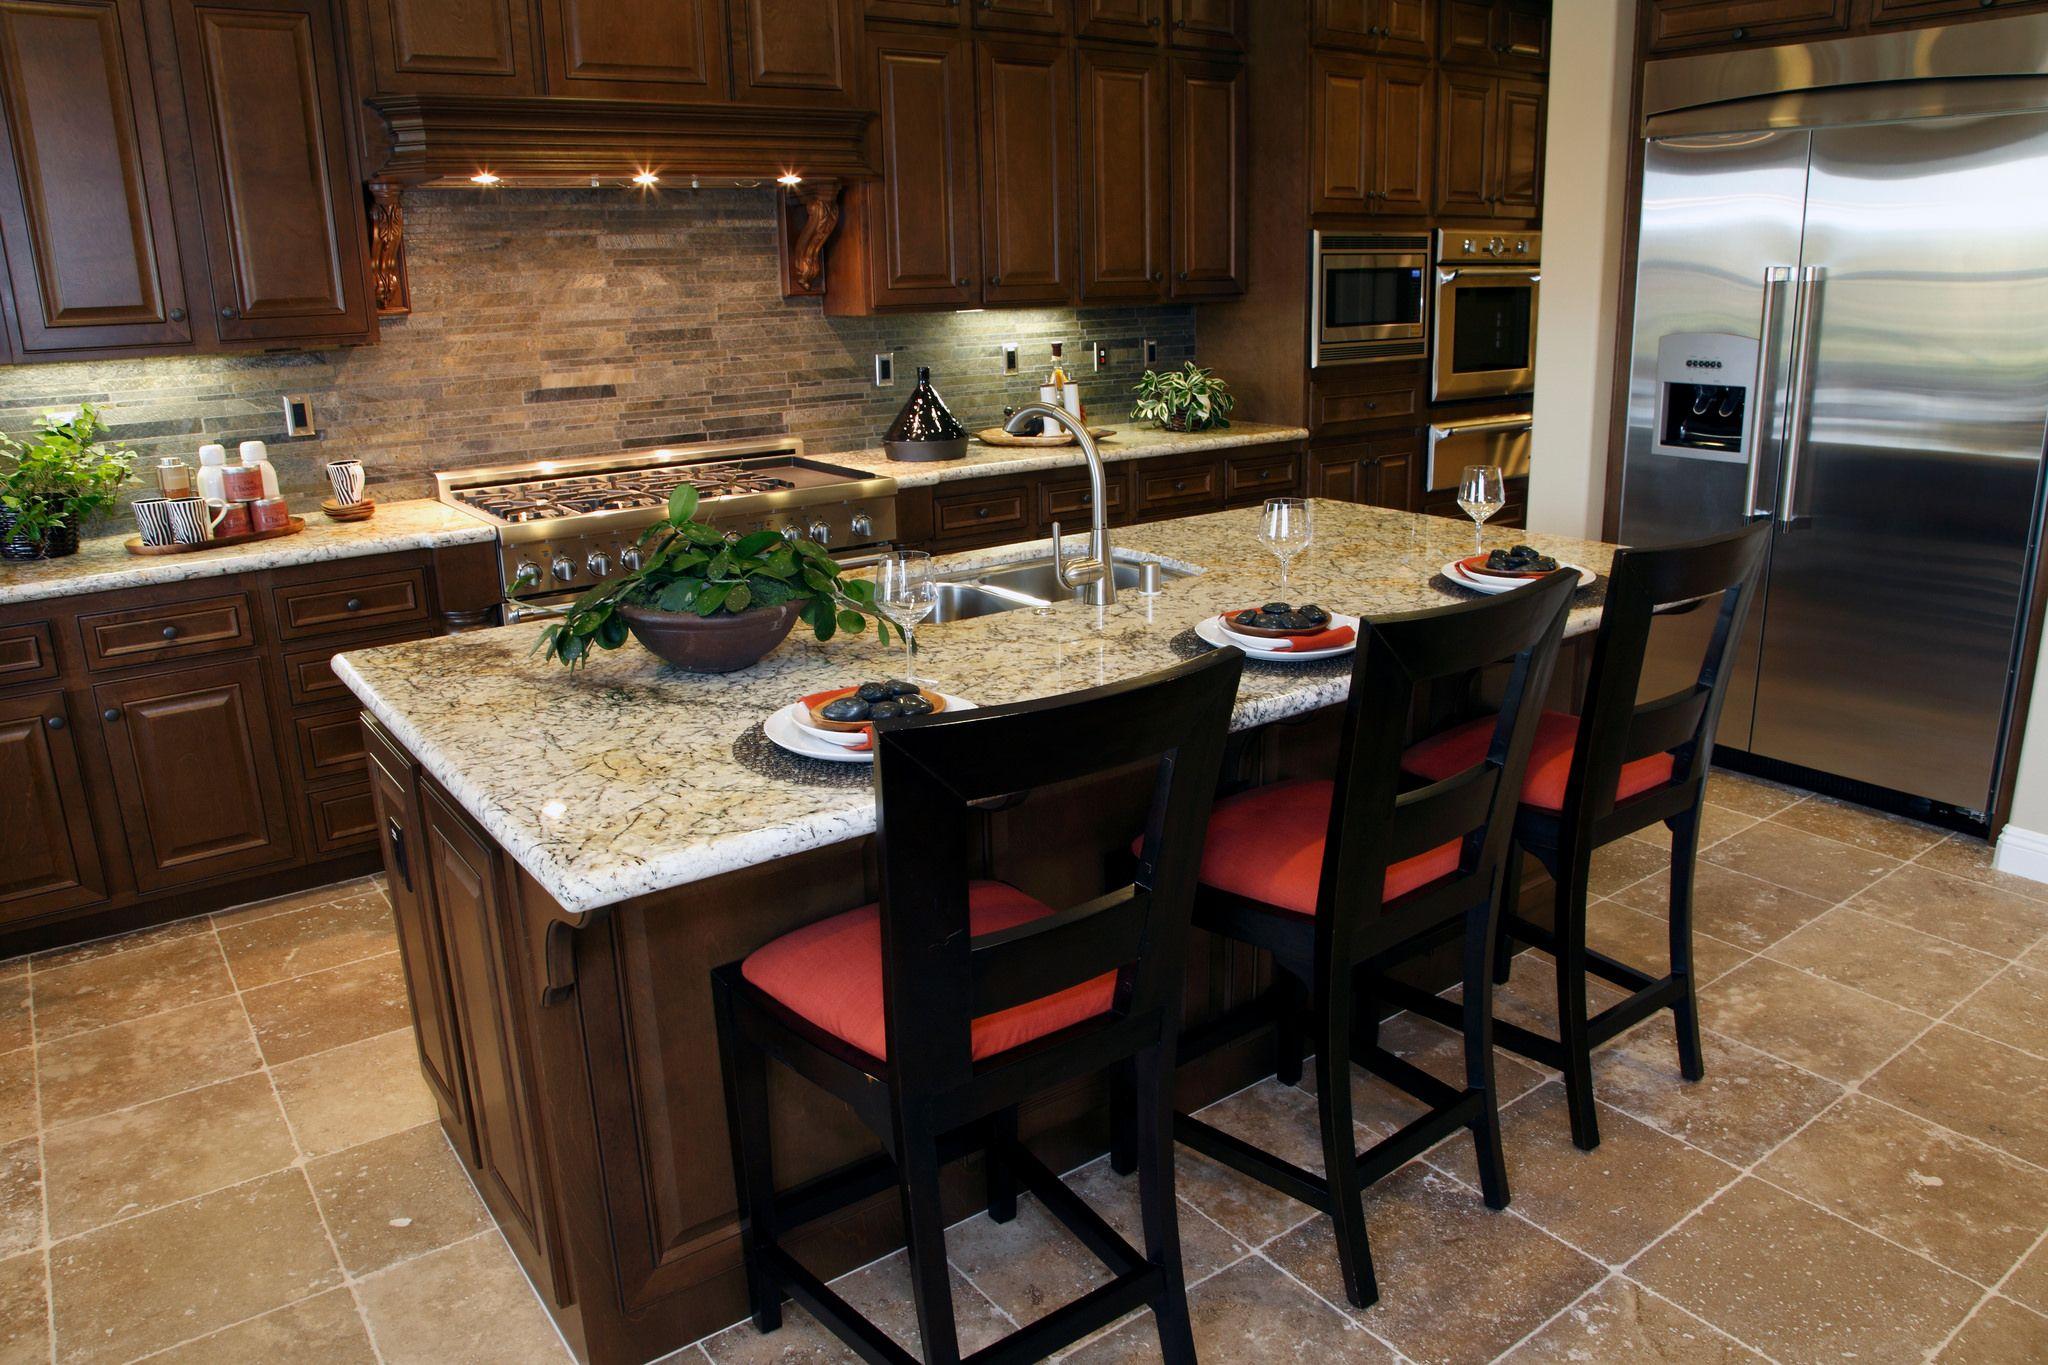 מטבחים חדשים ב   kitchenpt.com   Gourmet kitchen design, Custom ...